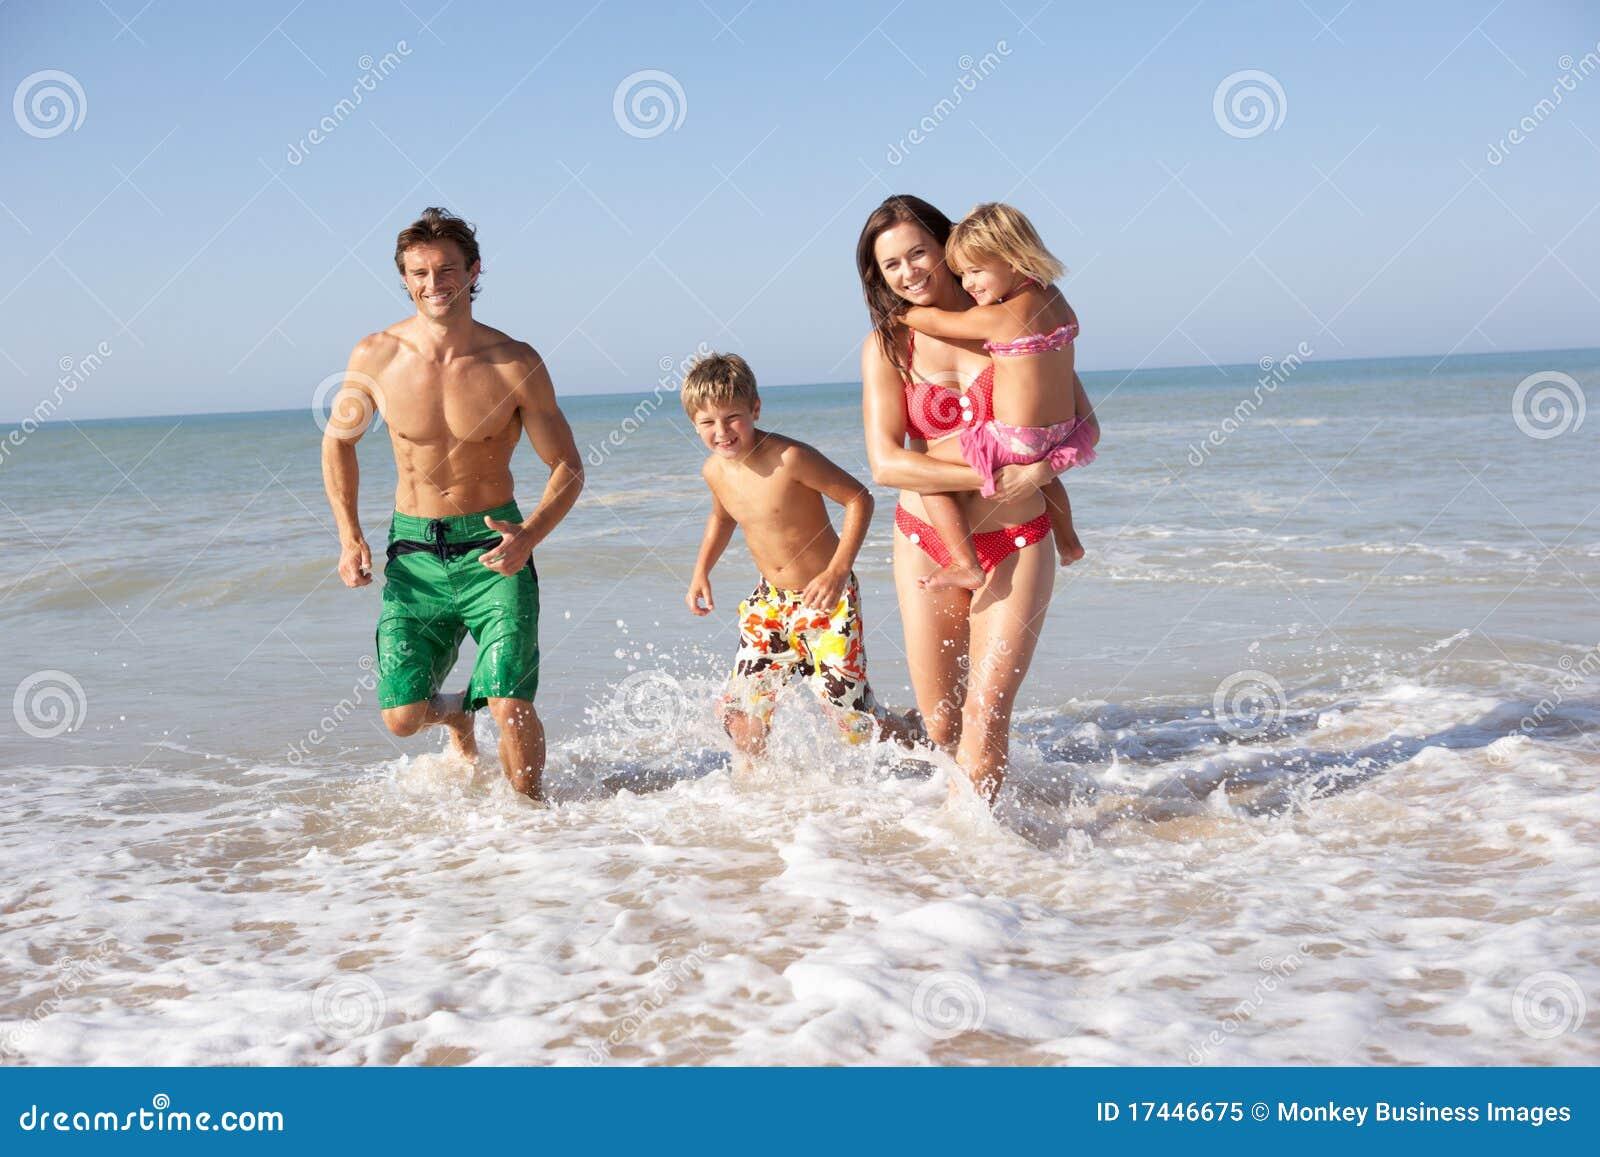 Семейный отдых нудистов